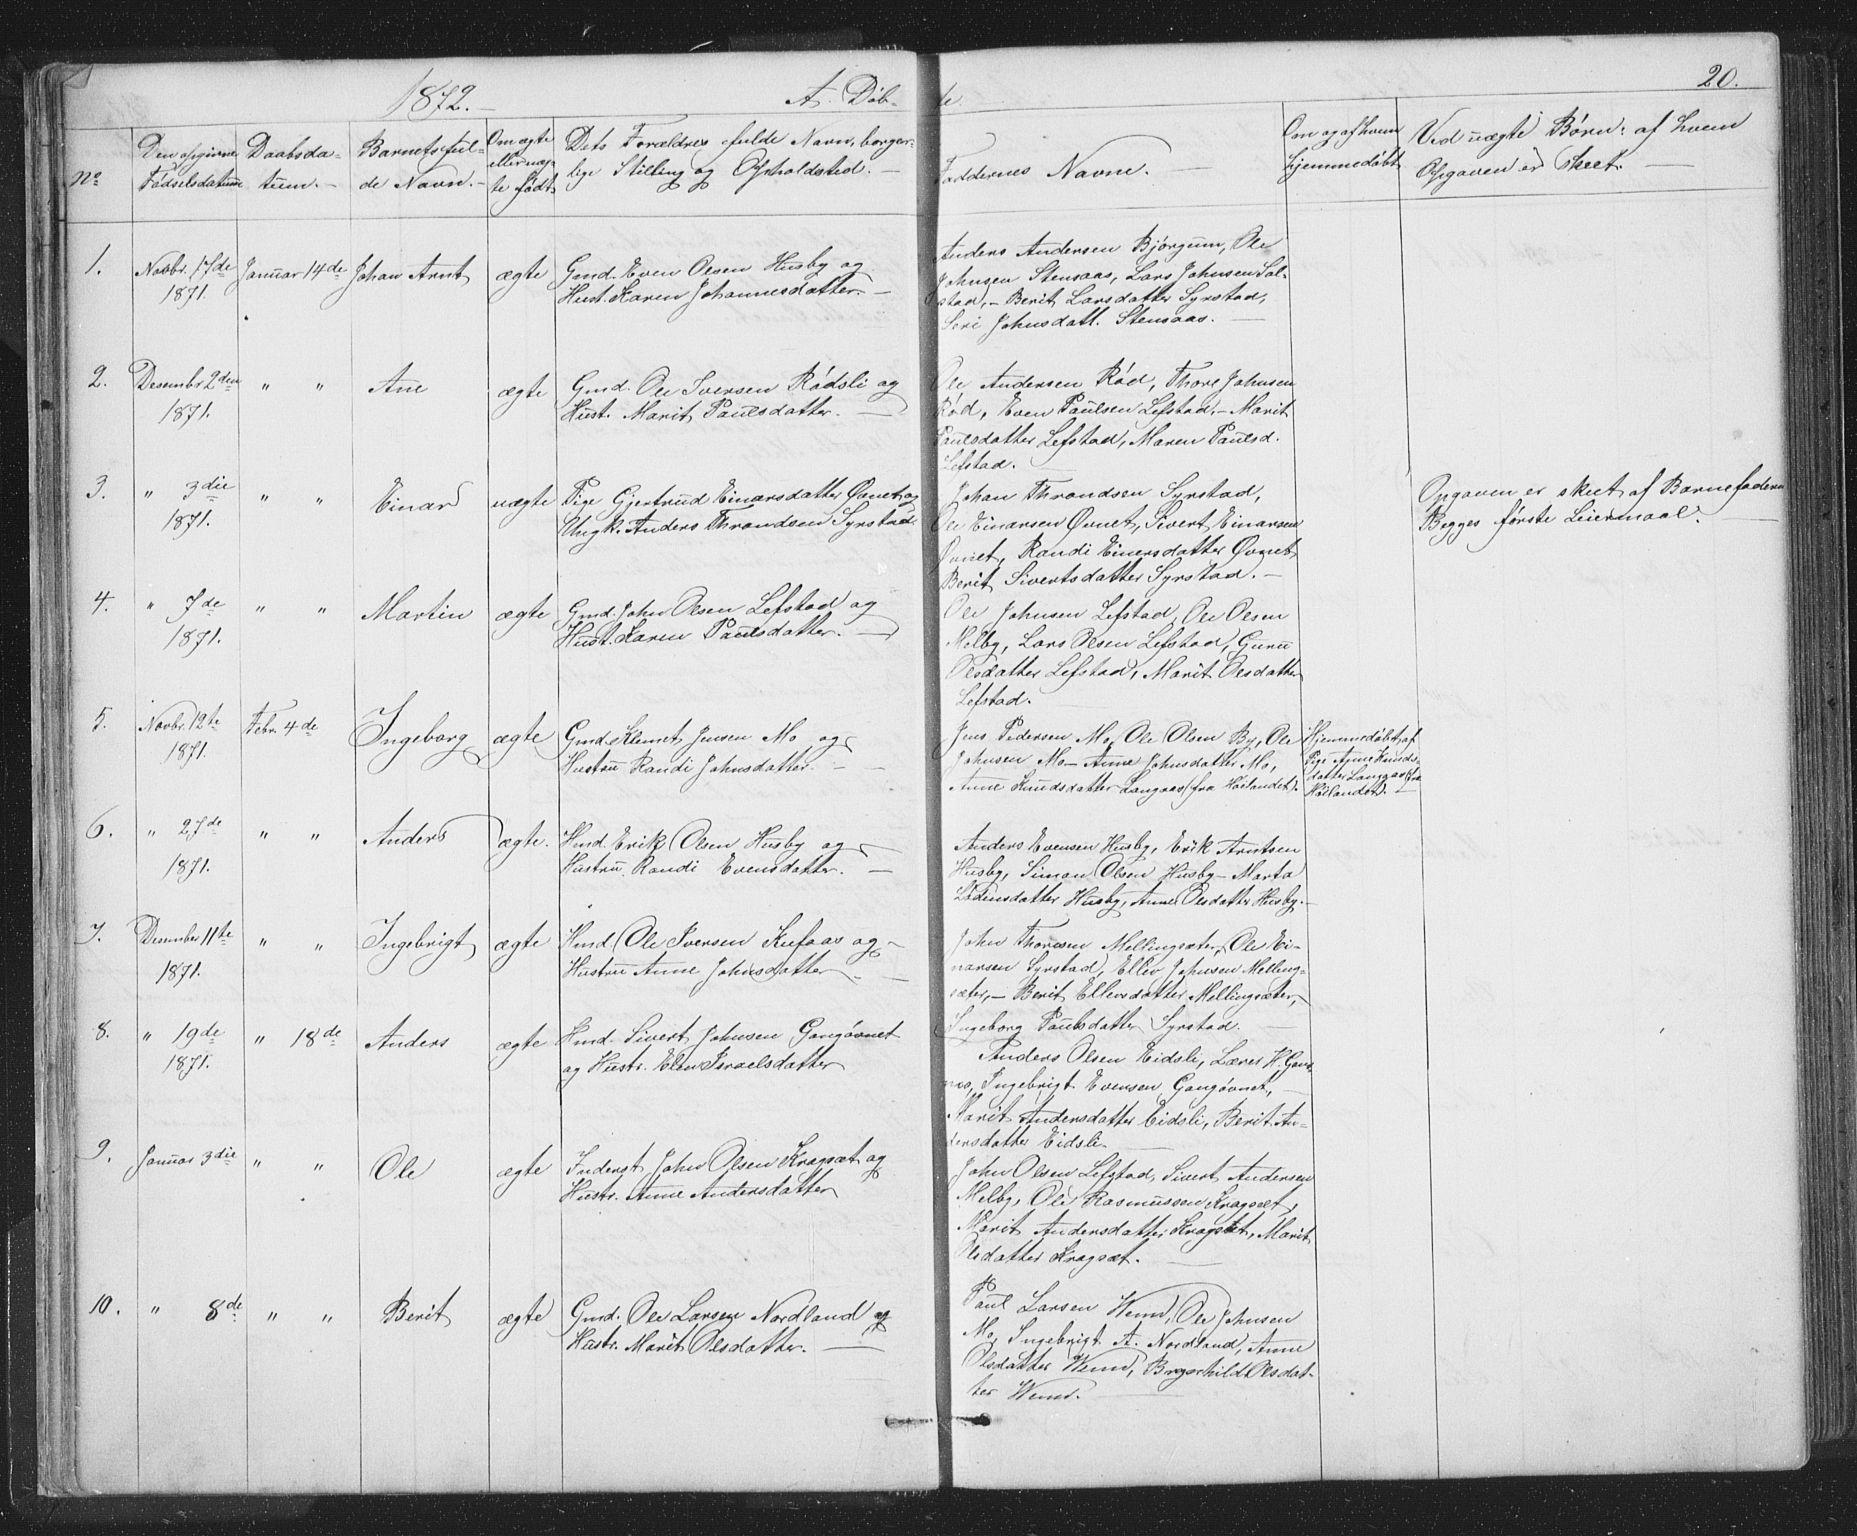 SAT, Ministerialprotokoller, klokkerbøker og fødselsregistre - Sør-Trøndelag, 667/L0798: Klokkerbok nr. 667C03, 1867-1929, s. 20